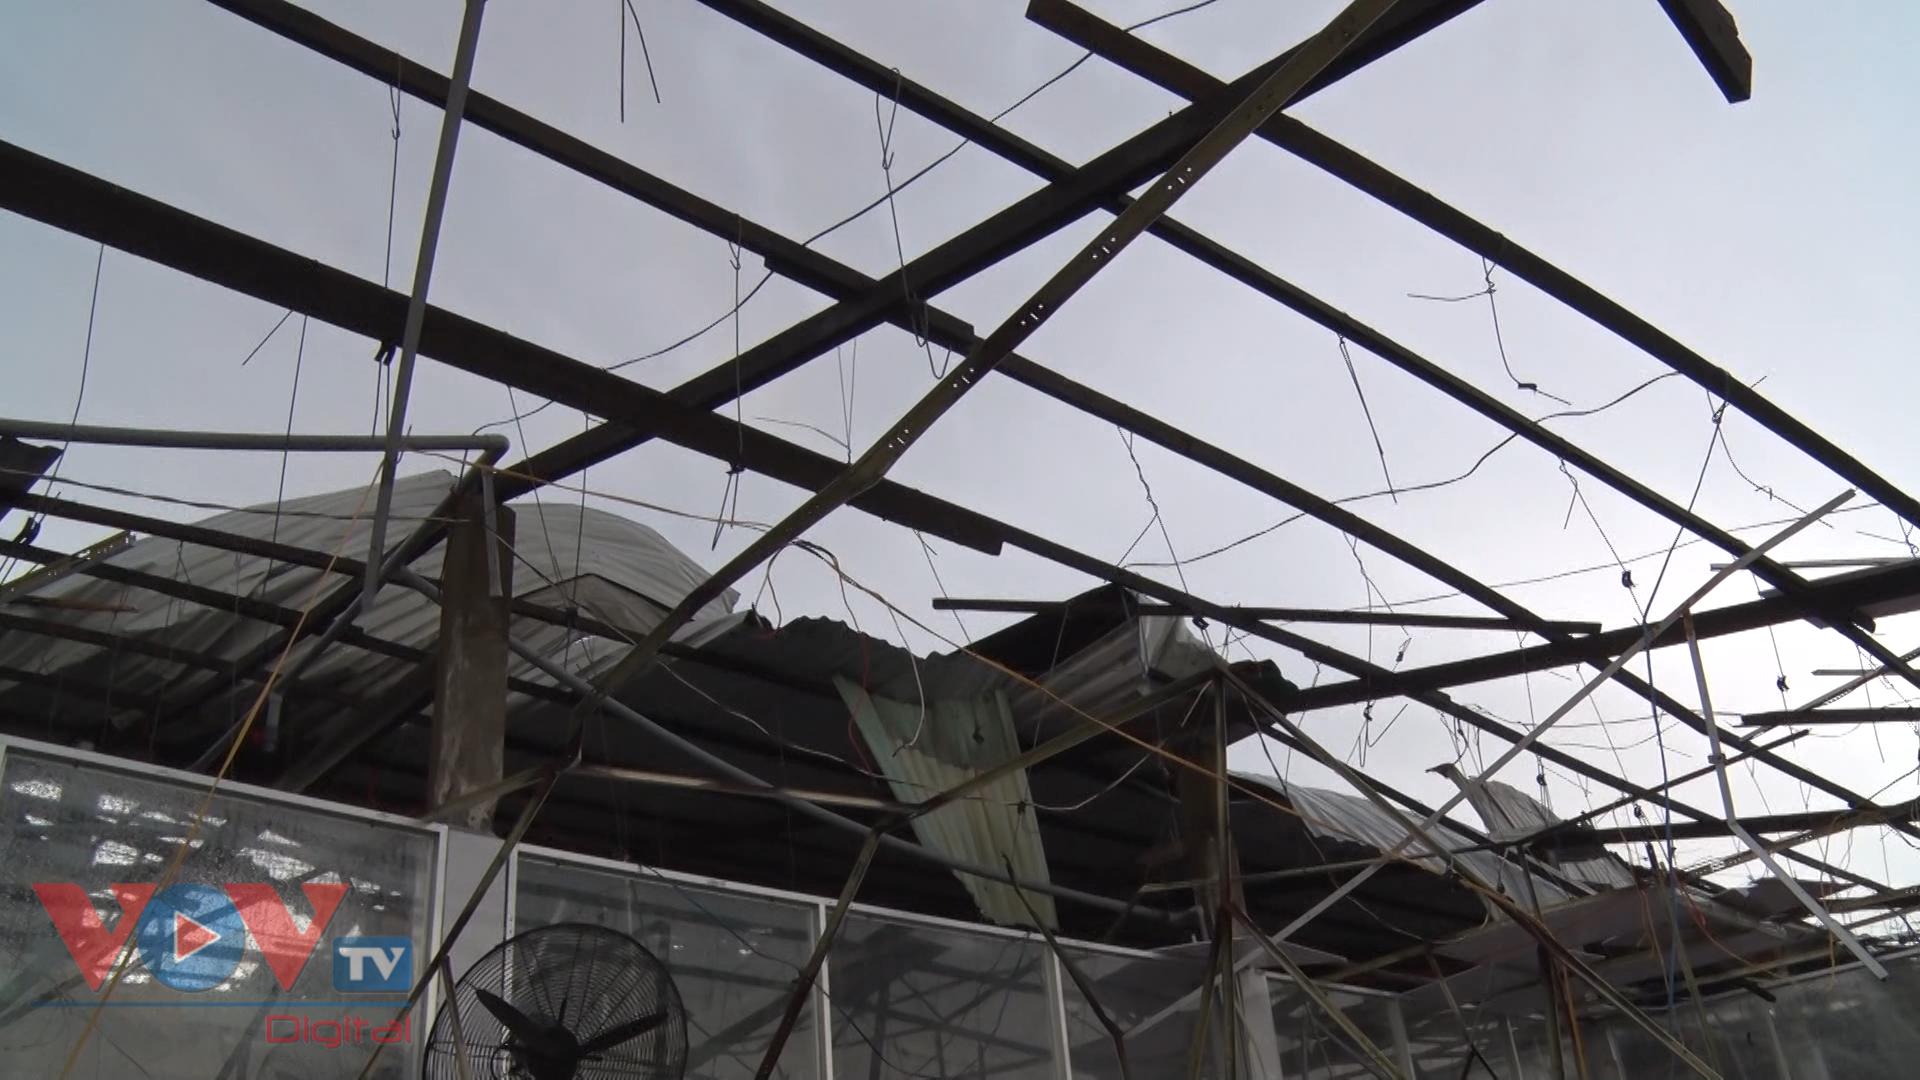 Lốc xoáy gây thiệt hại ở thị xã Long Mỹ, tỉnh Hậu Giang.bmp